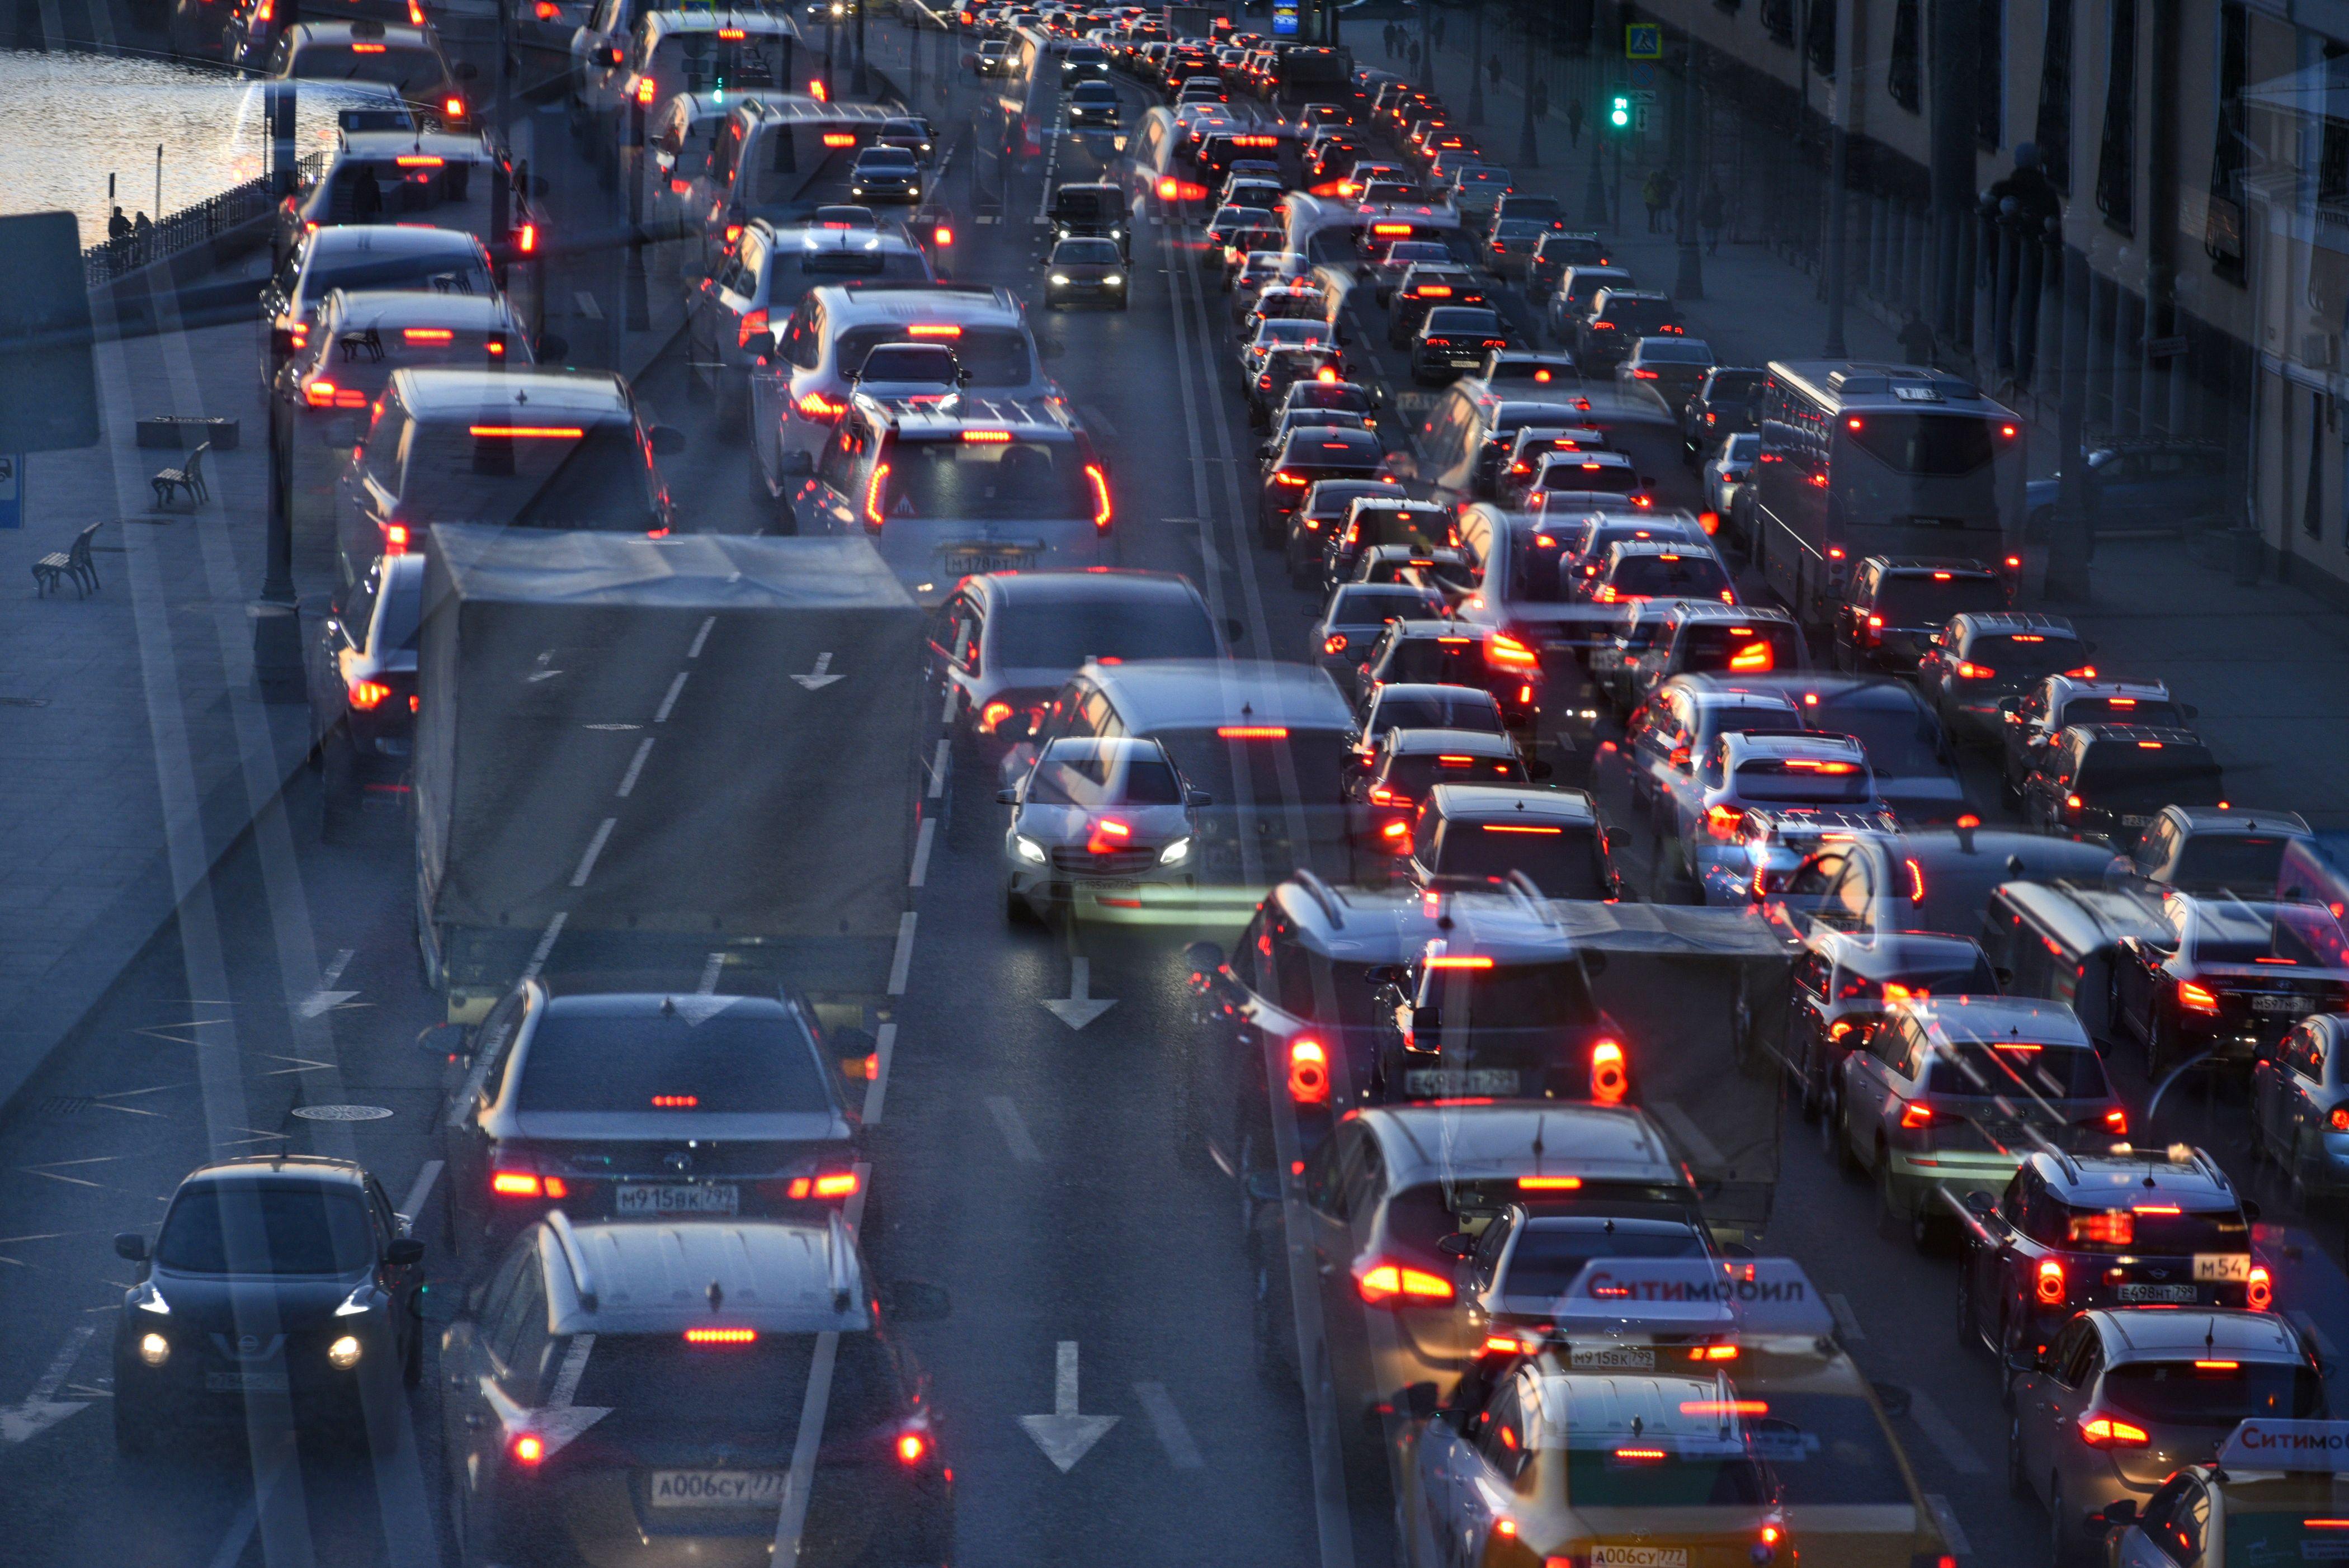 Московским дачникам рекомендовали выезжать за город после 22:00